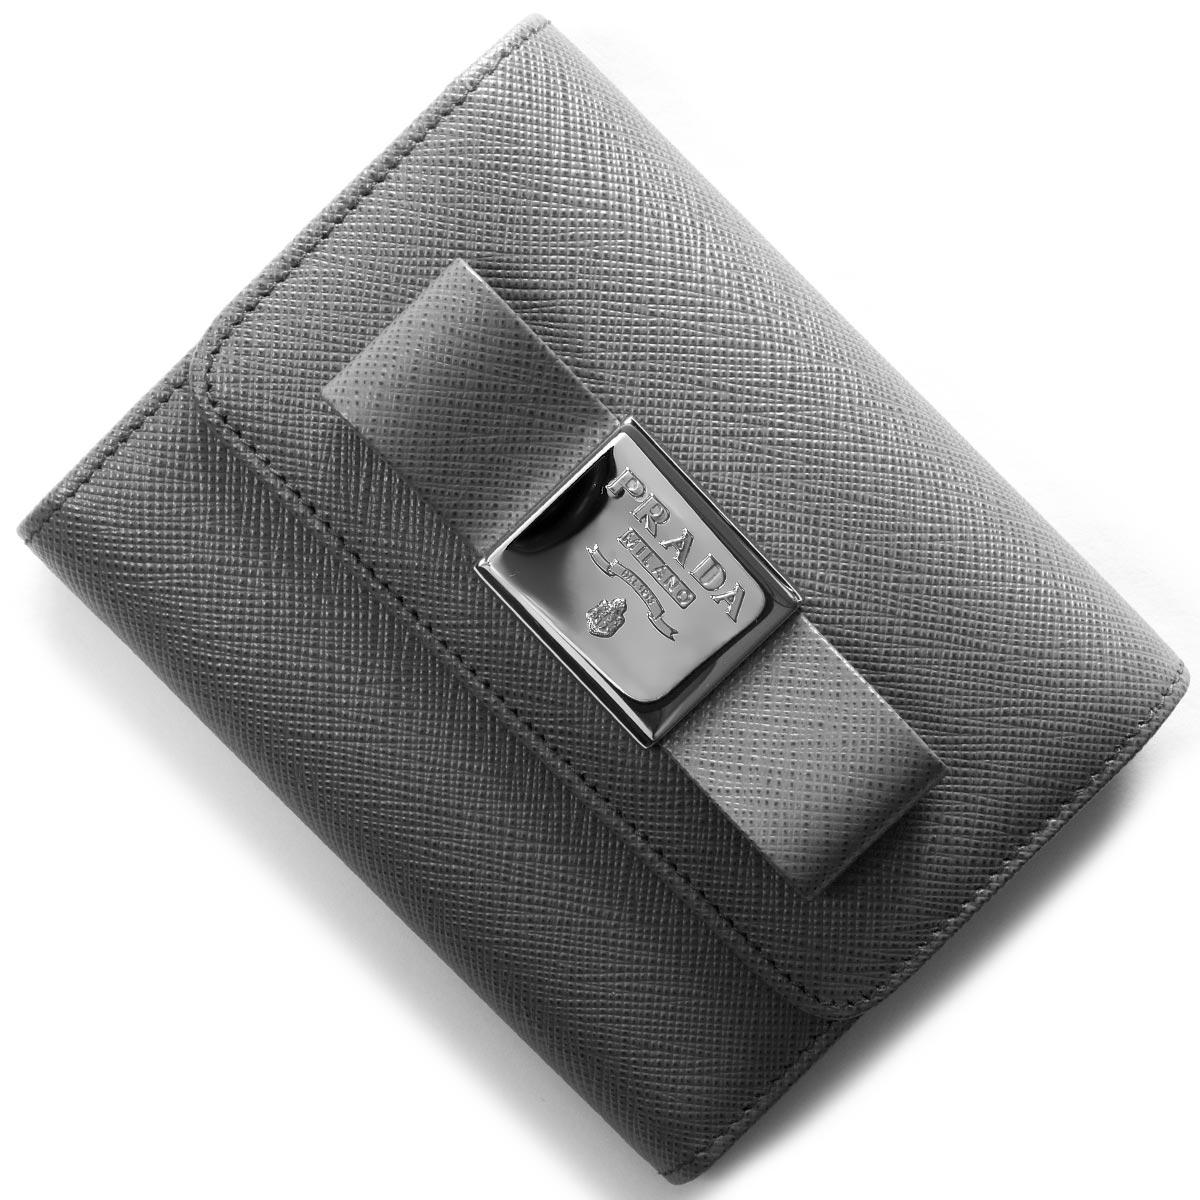 プラダ 三つ折り財布 財布 レディース サフィアーノ フィオーコ SAFFIANO FIOCCO リボン マルモグレー 1MH840 2AEE F0K44 PRADA